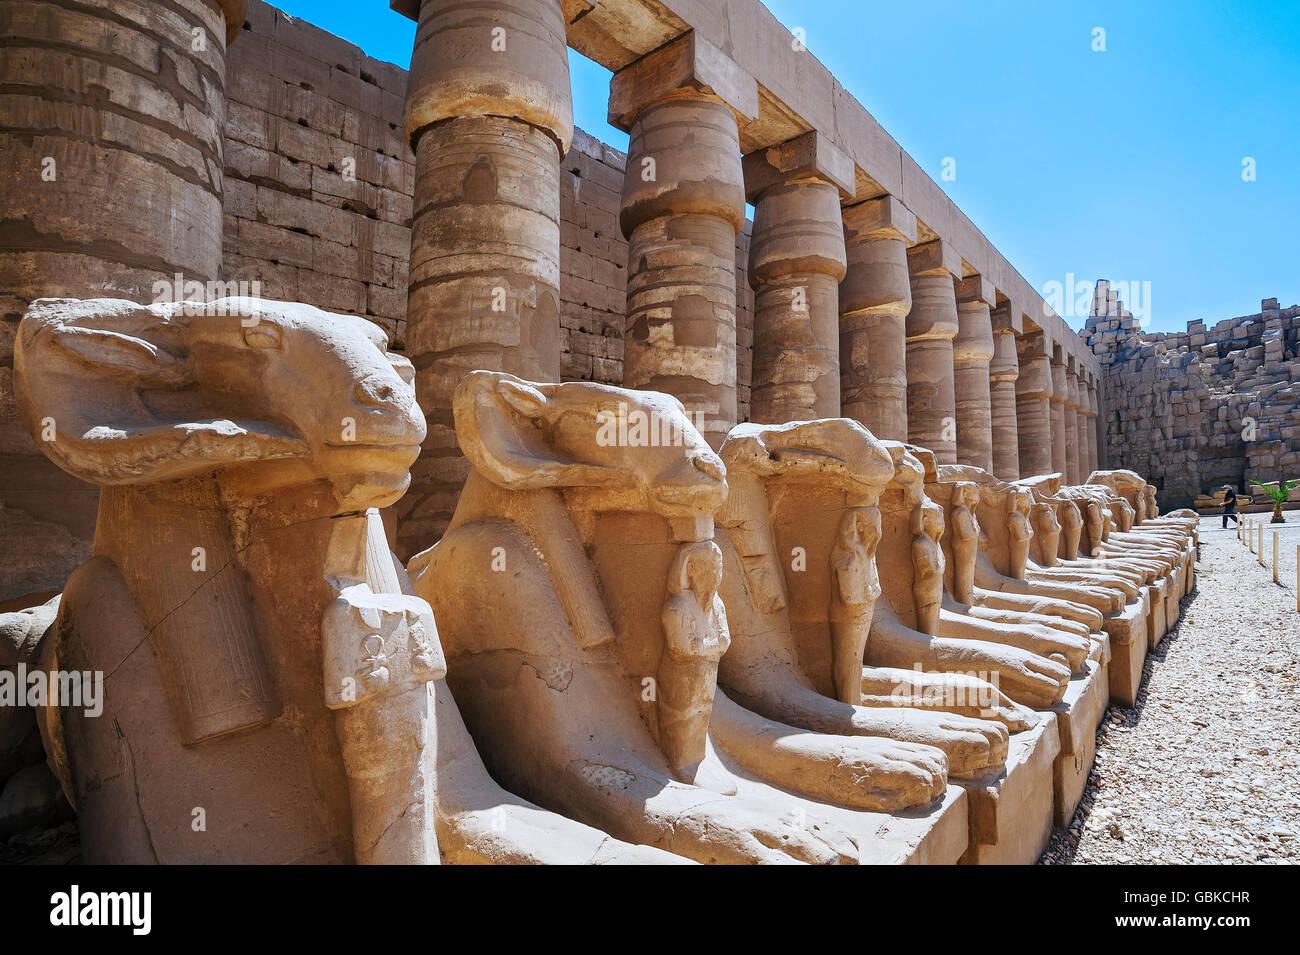 Avenida de esfinges con cabeza de carnero en el templo de Karnak, Karnak, Luxor, Egipto Imagen De Stock